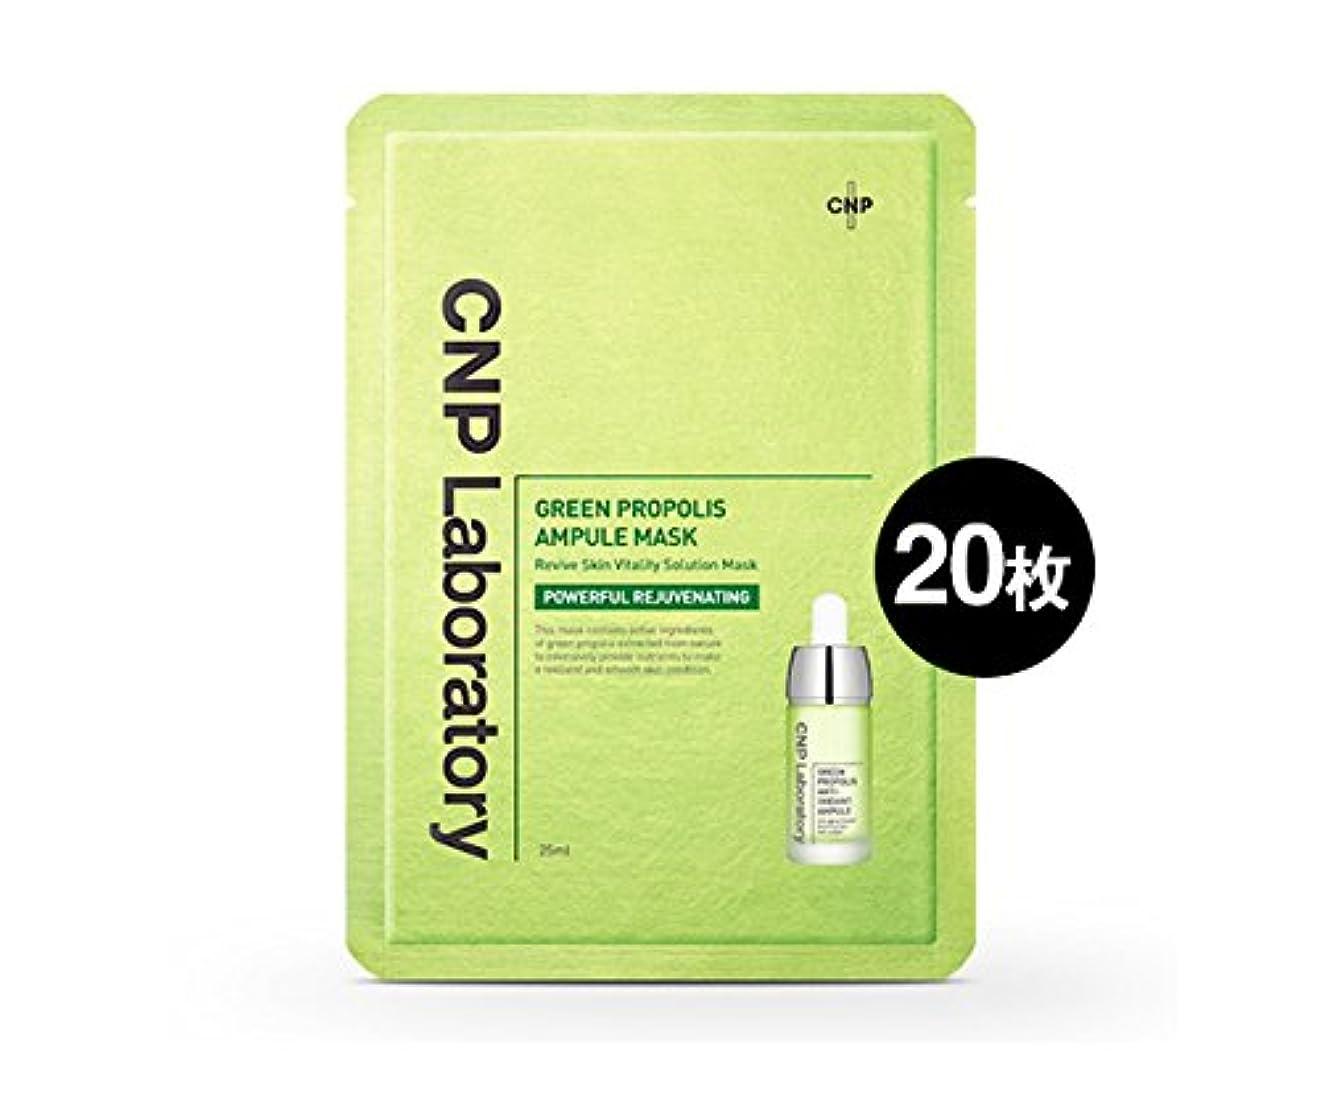 不承認スペシャリスト不従順(チャアンドパク) CNP GREEN PROPOLIS AMPLUE MASK グリーンプロポリスアンプルマスク 25ml x 20枚セット (並行輸入品)